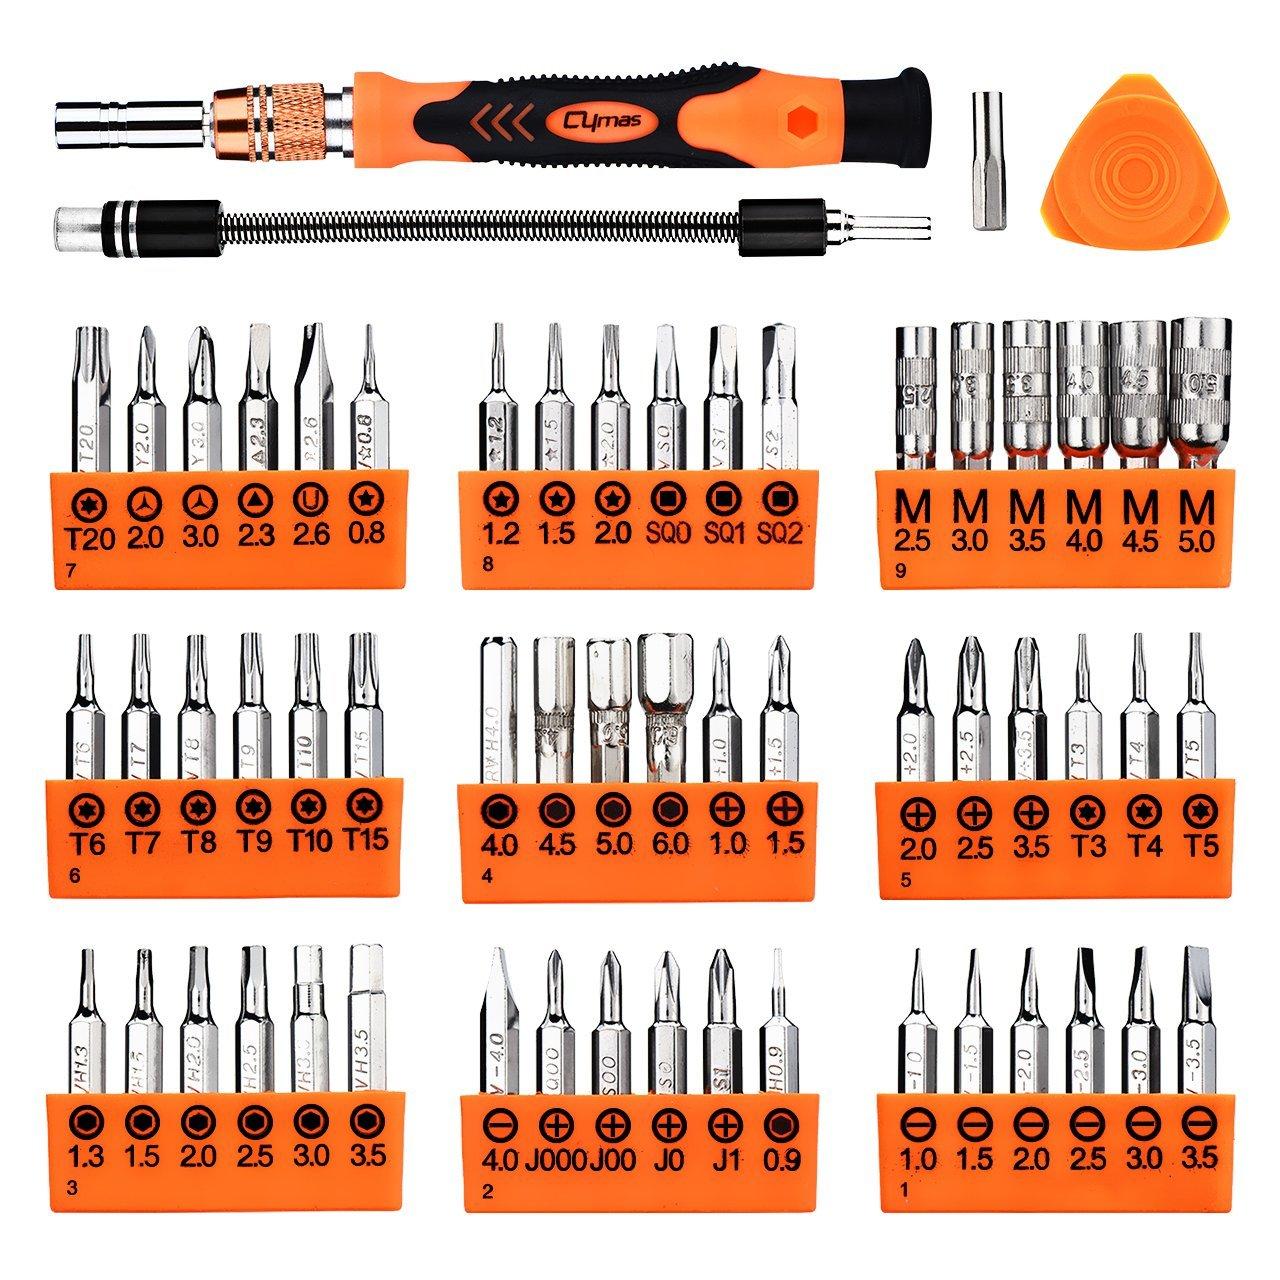 cymas screwdriver set for phone 25 off promo code gauging gadgets. Black Bedroom Furniture Sets. Home Design Ideas